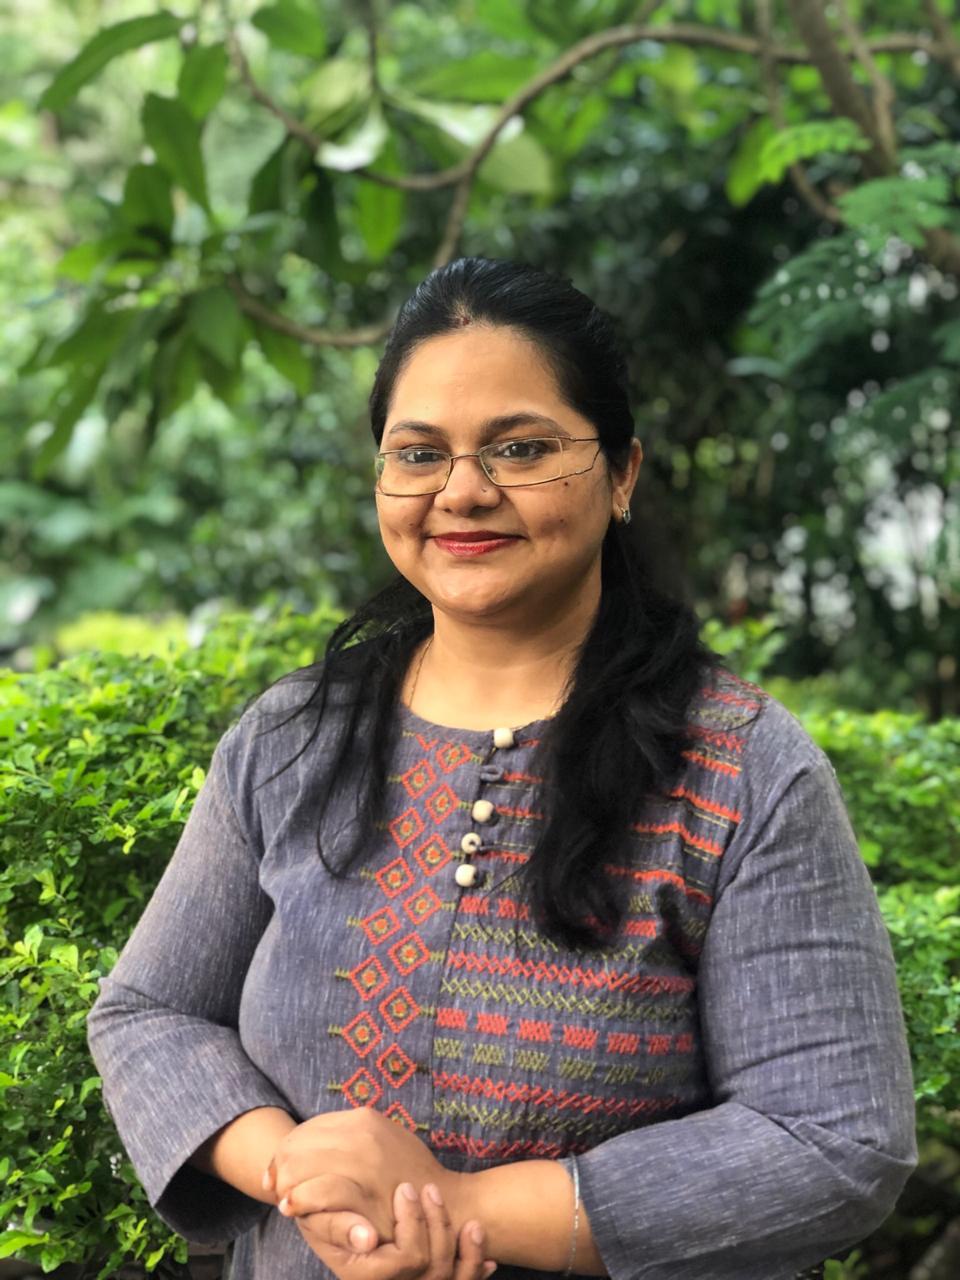 Ms. Swarn Priya